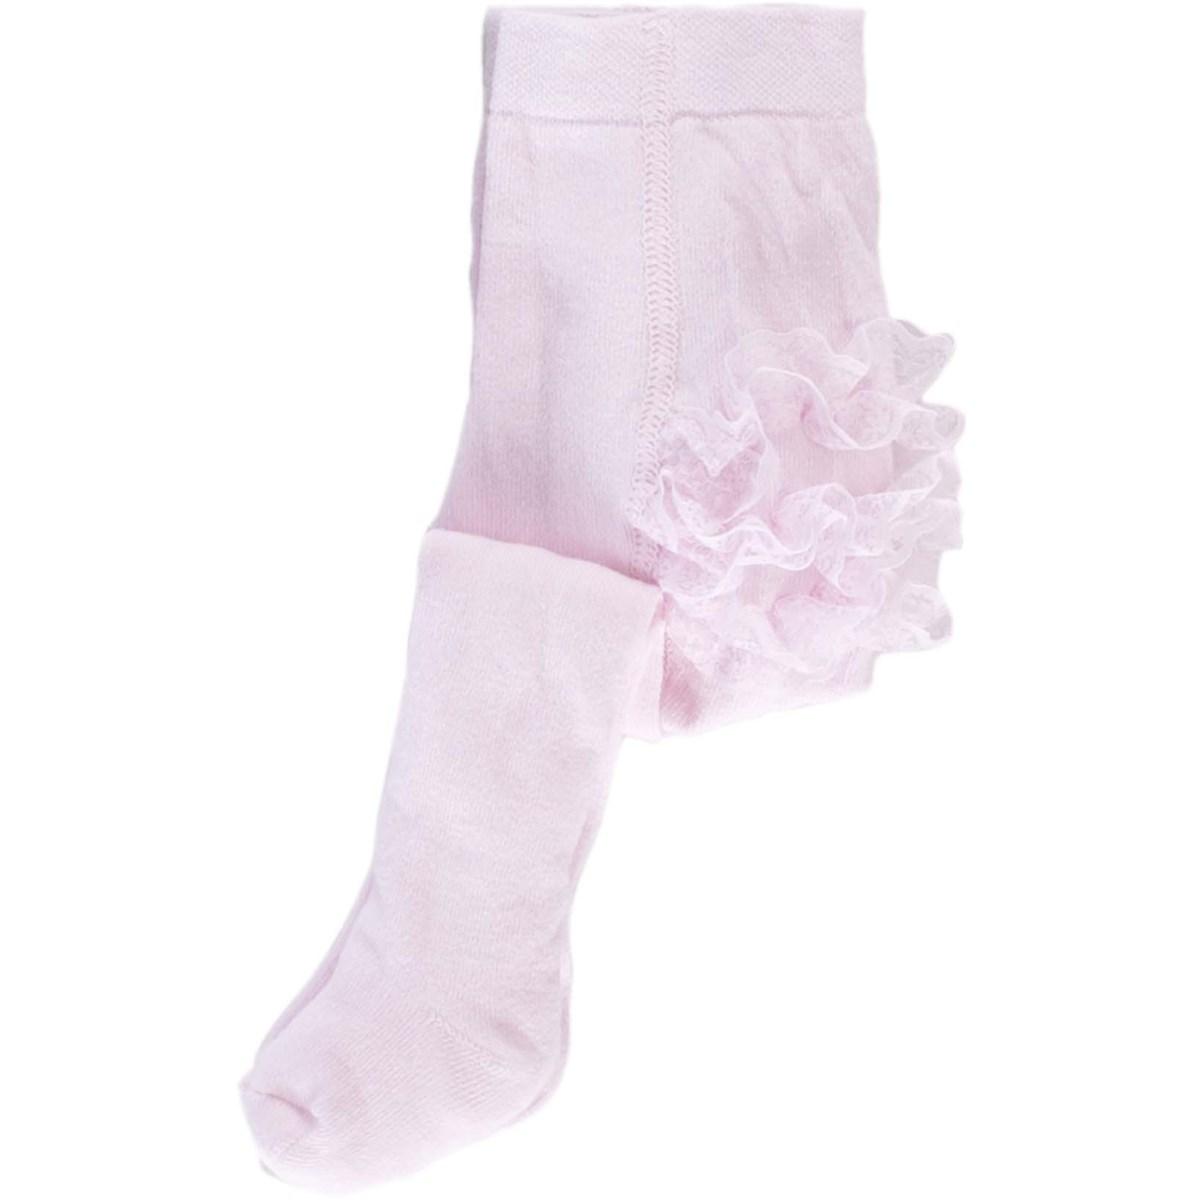 7110 Lily Kilotlu Çorap 1